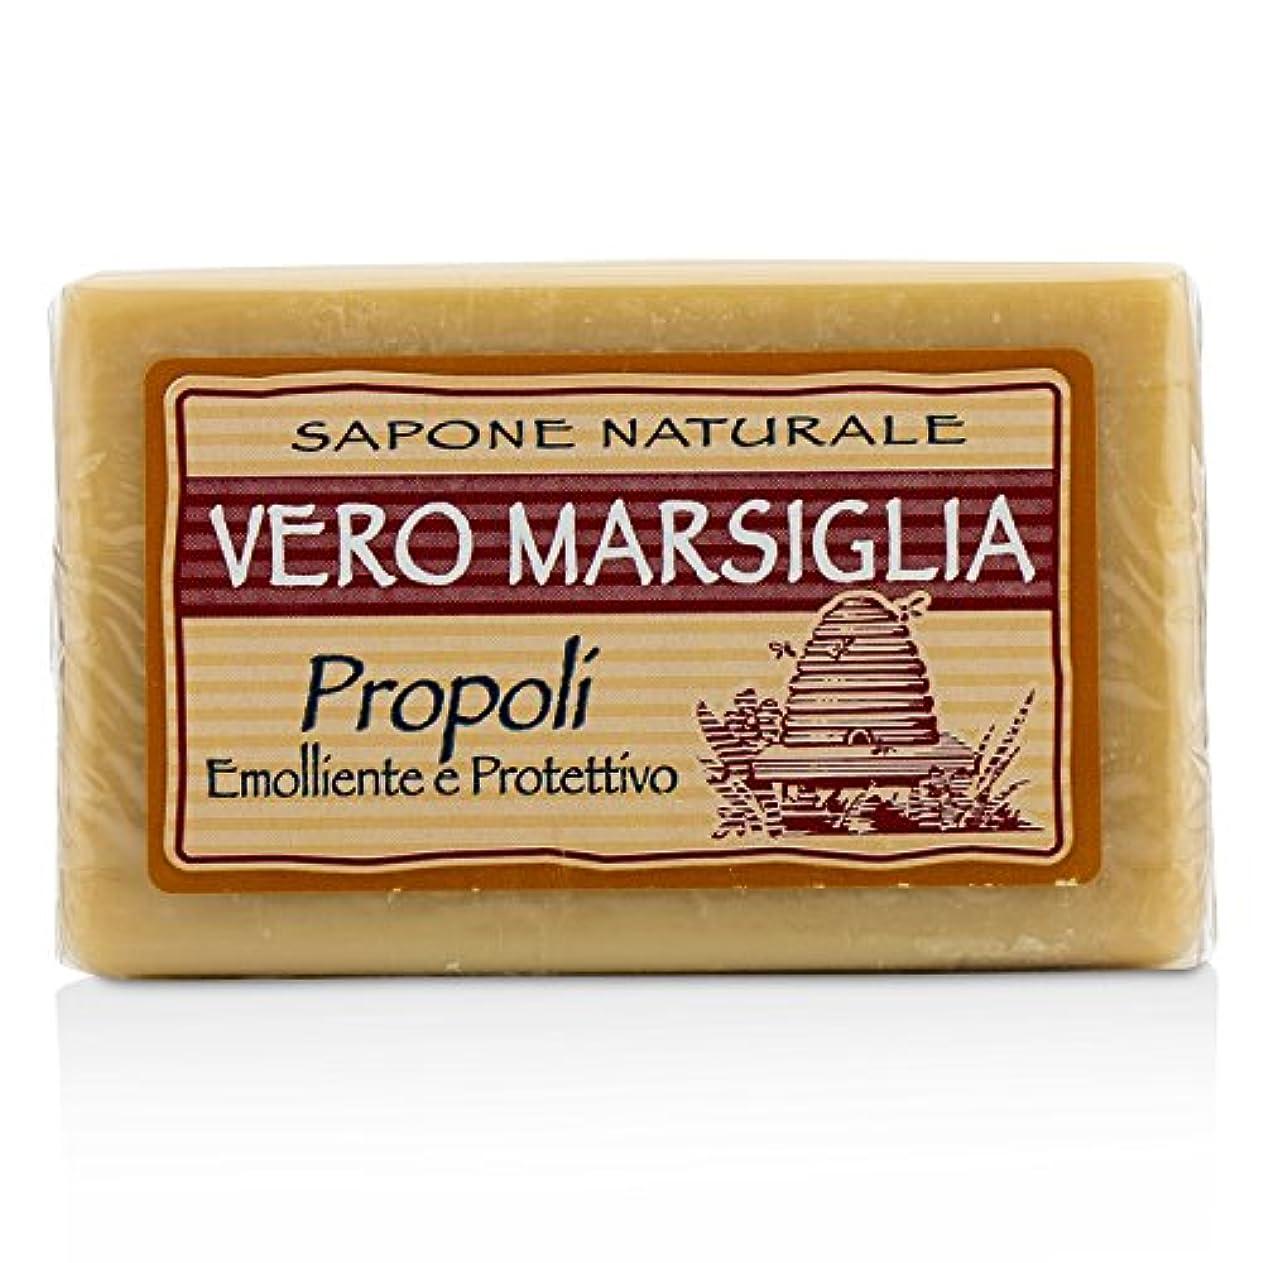 ポンドパイル廃止ネスティダンテ Vero Marsiglia Natural Soap - Propolis (Emollient and Protective) 150g/5.29oz並行輸入品